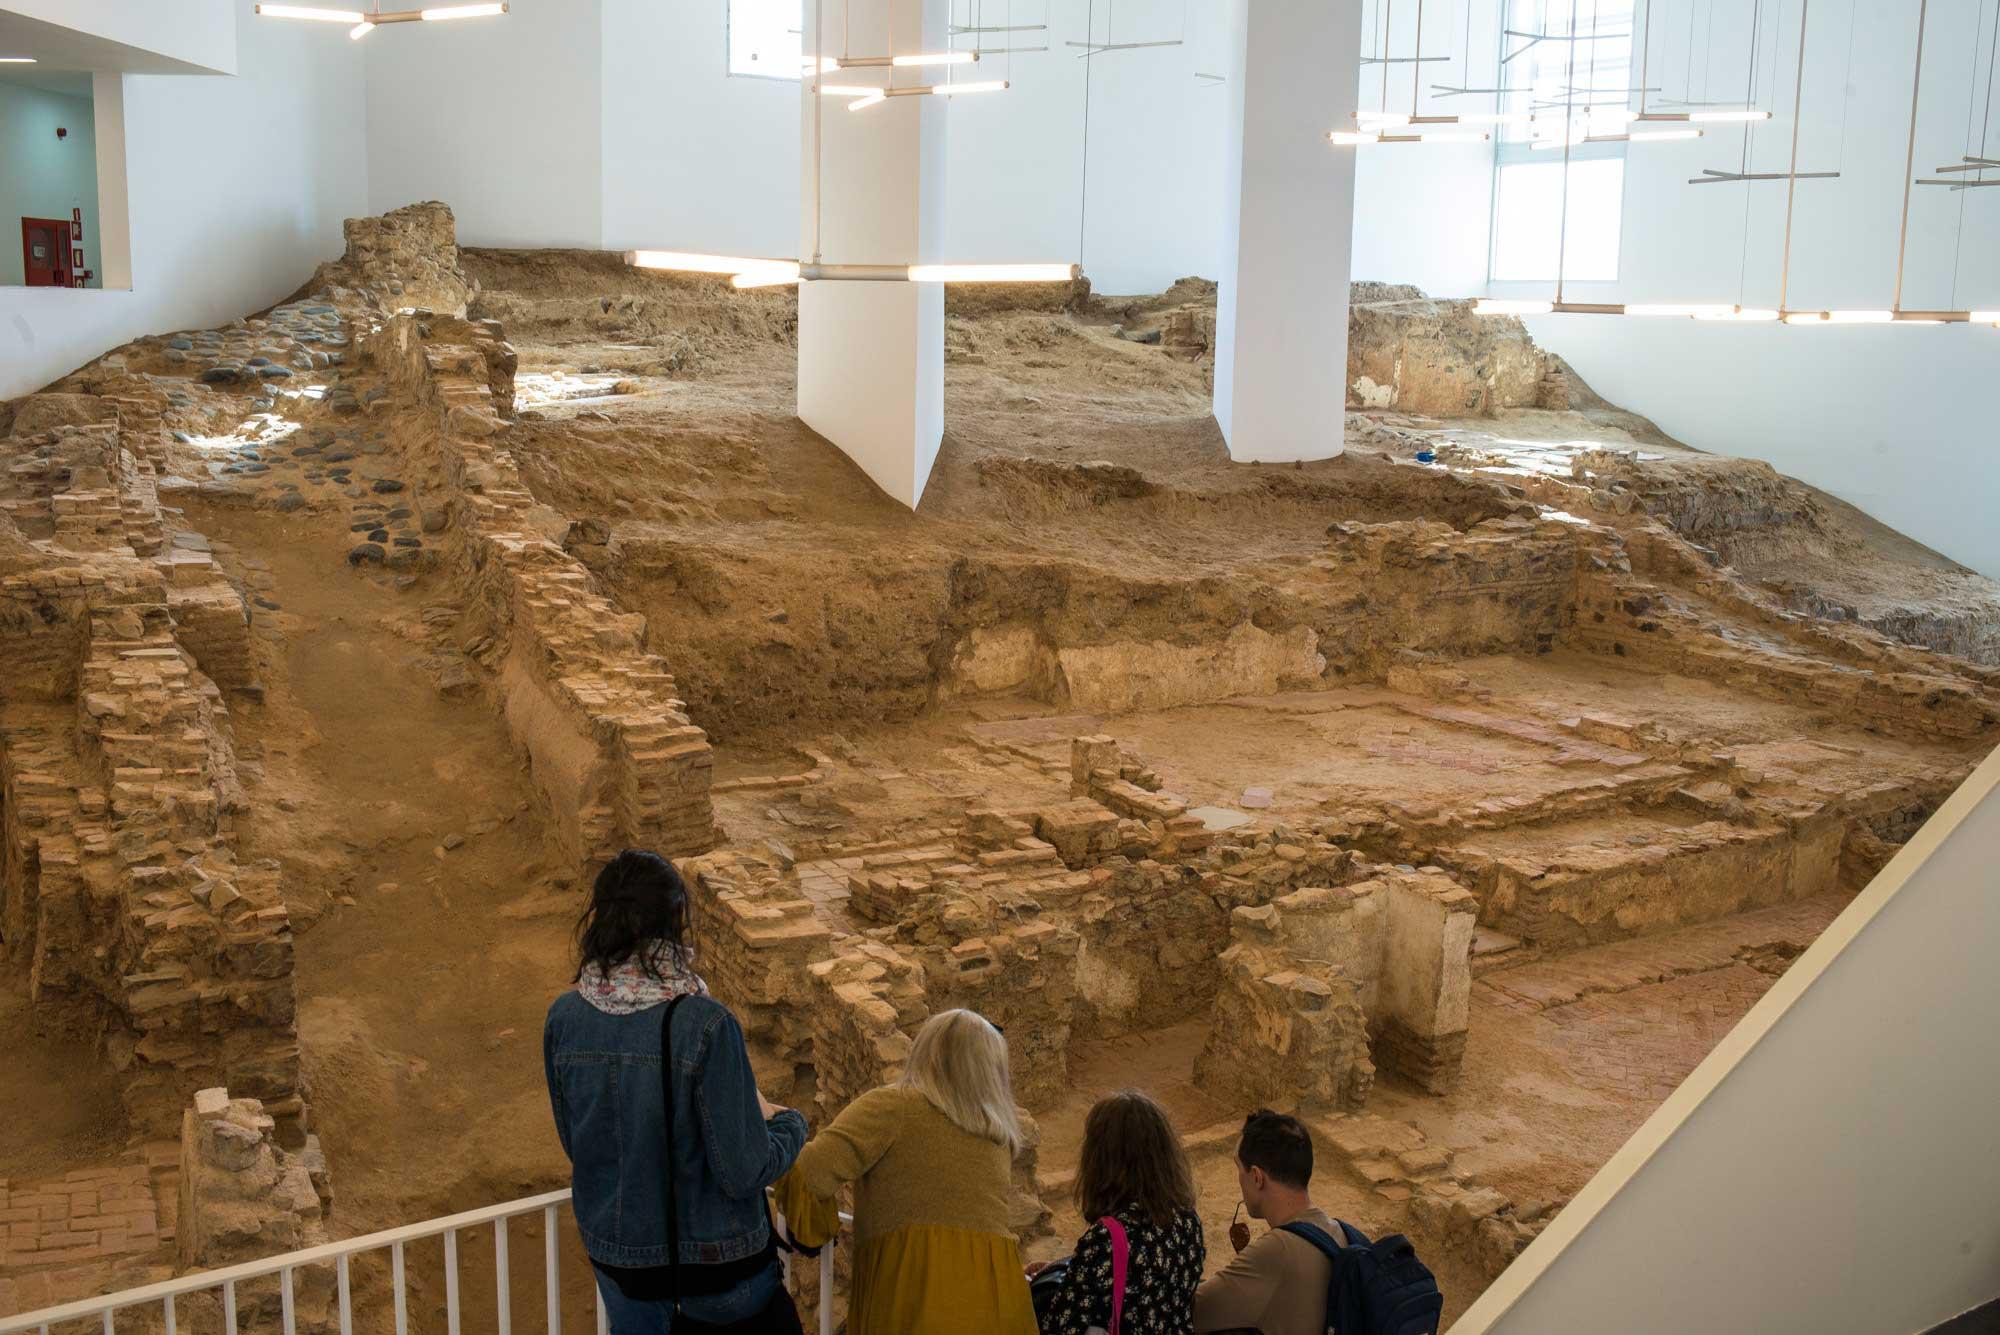 Yacimiento arqueológico dentro de la biblioteca pública. Foto: Alfredo Cáliz